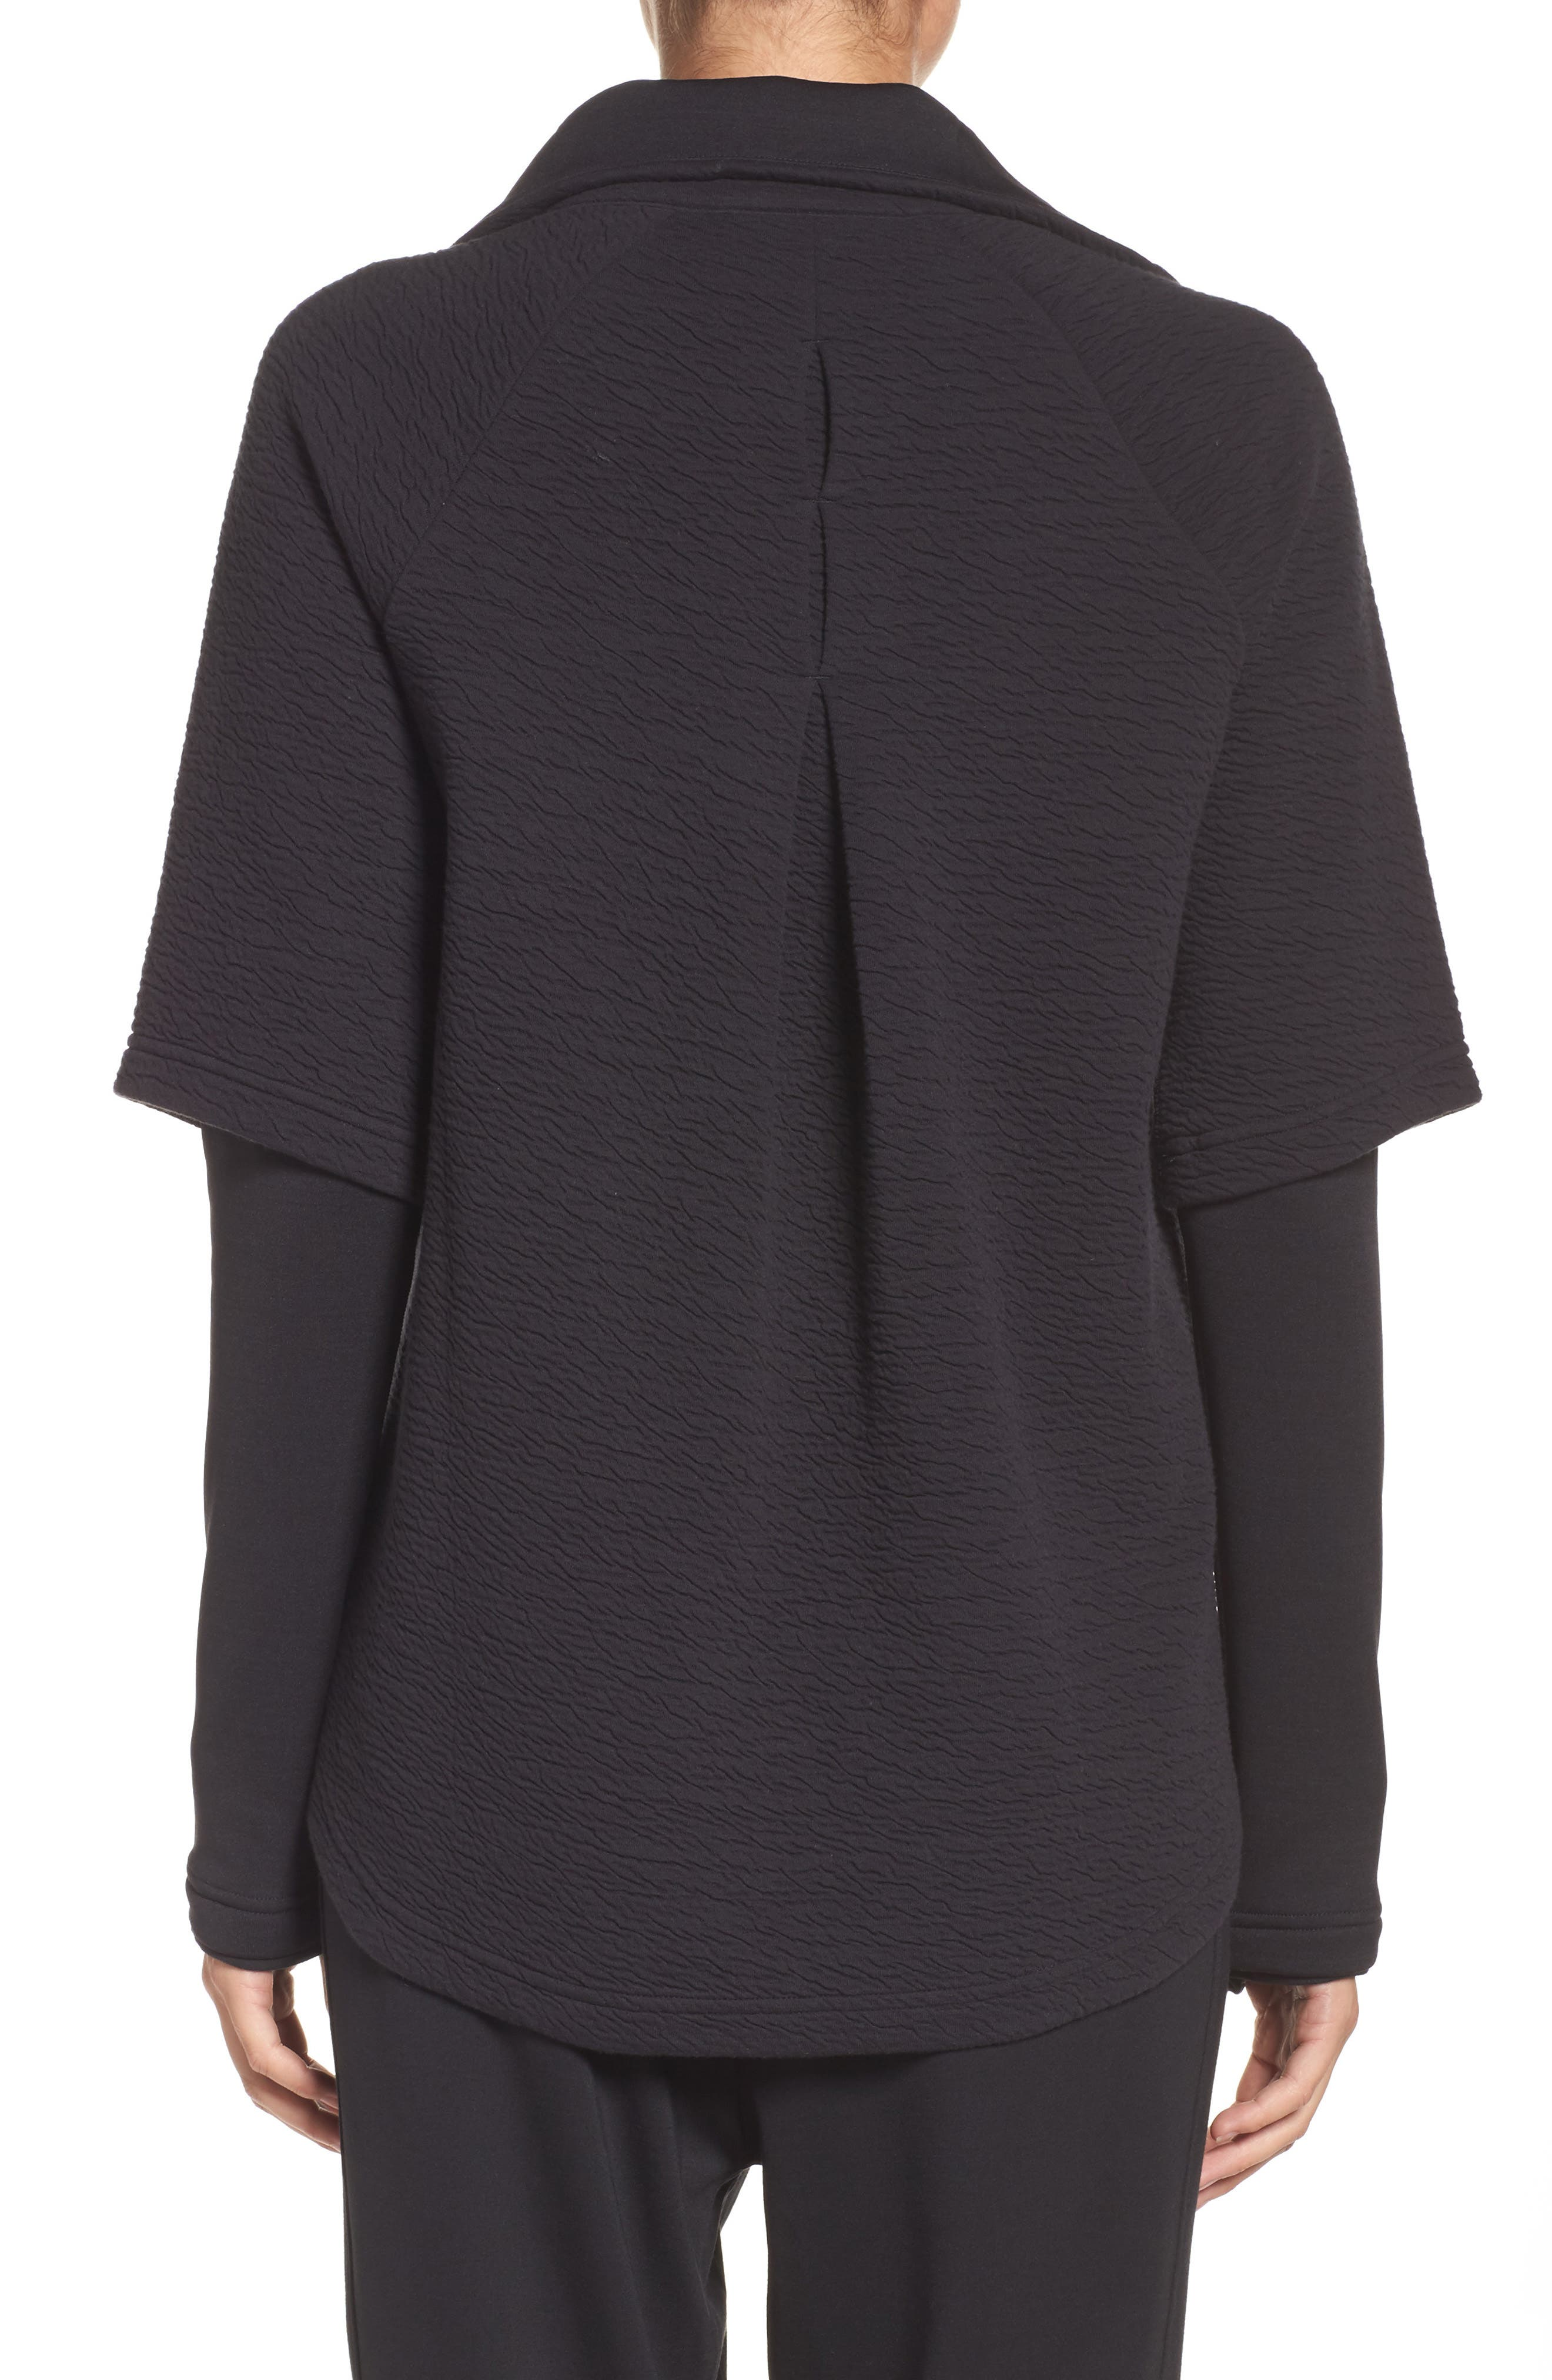 Heat Knit Drape Jacket,                             Alternate thumbnail 2, color,                             001